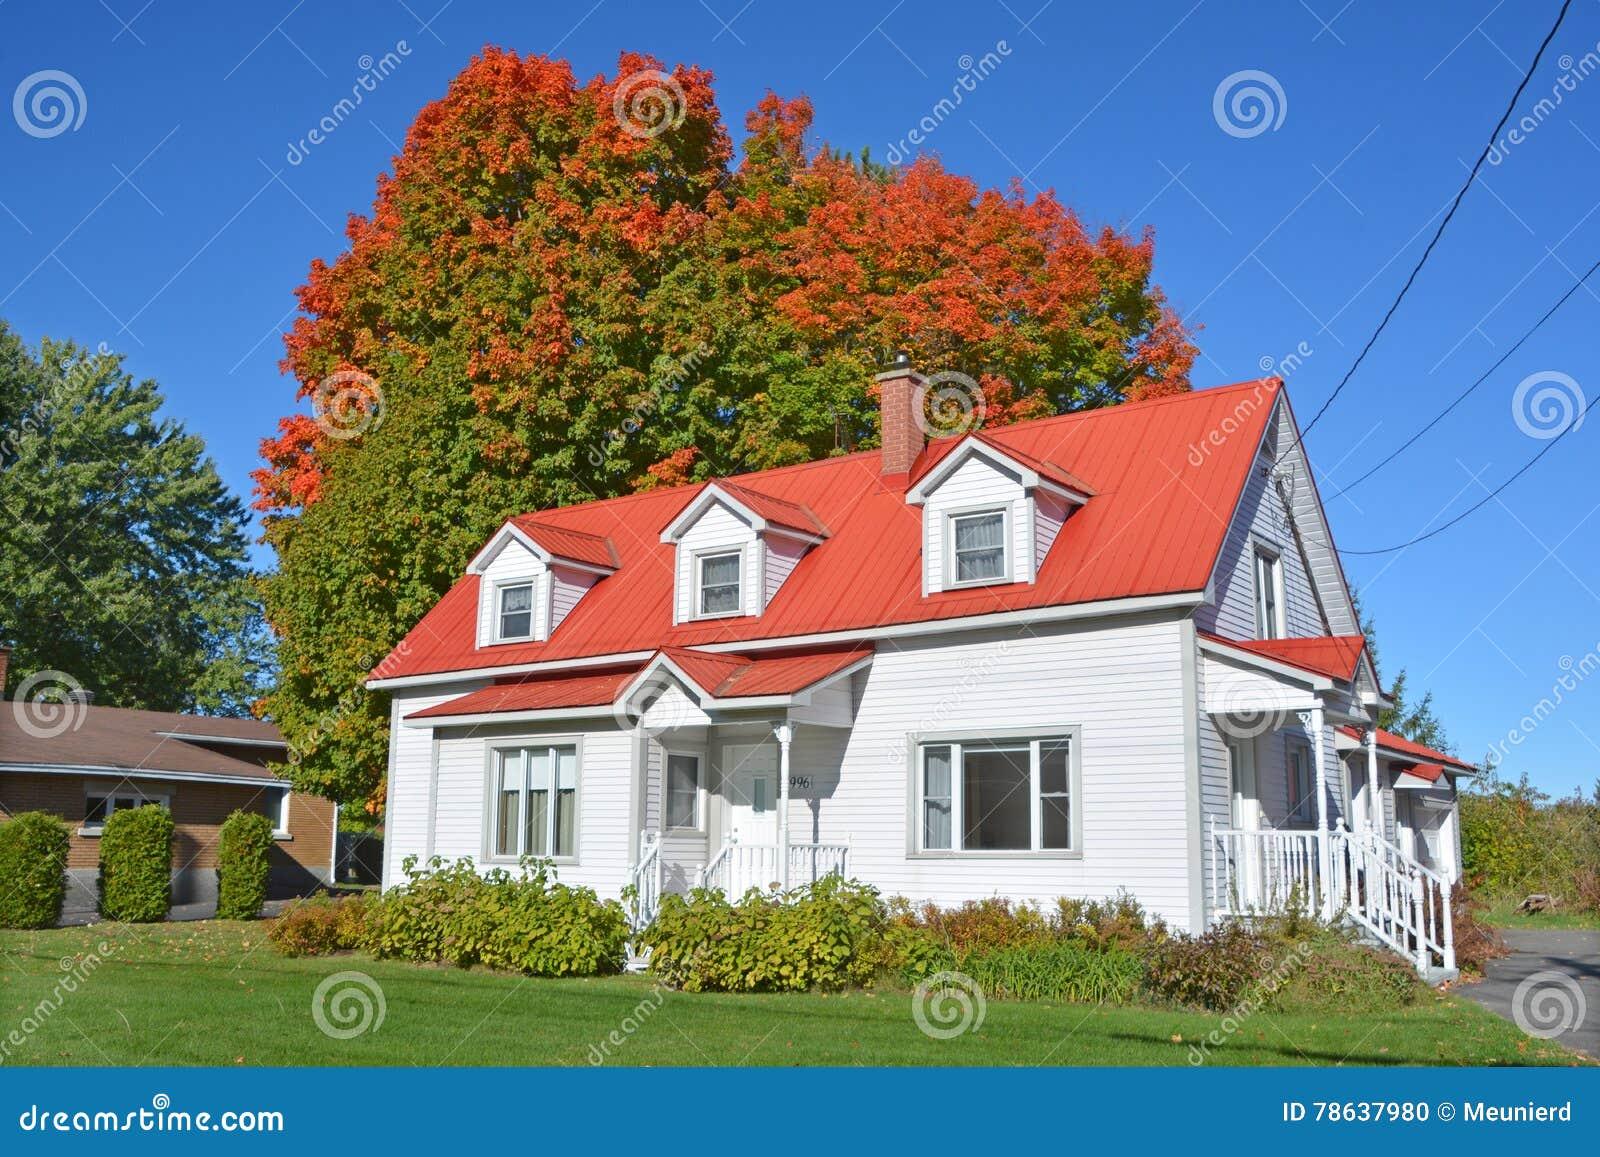 Maison canadienne typique image éditorial. Image du coloré ...